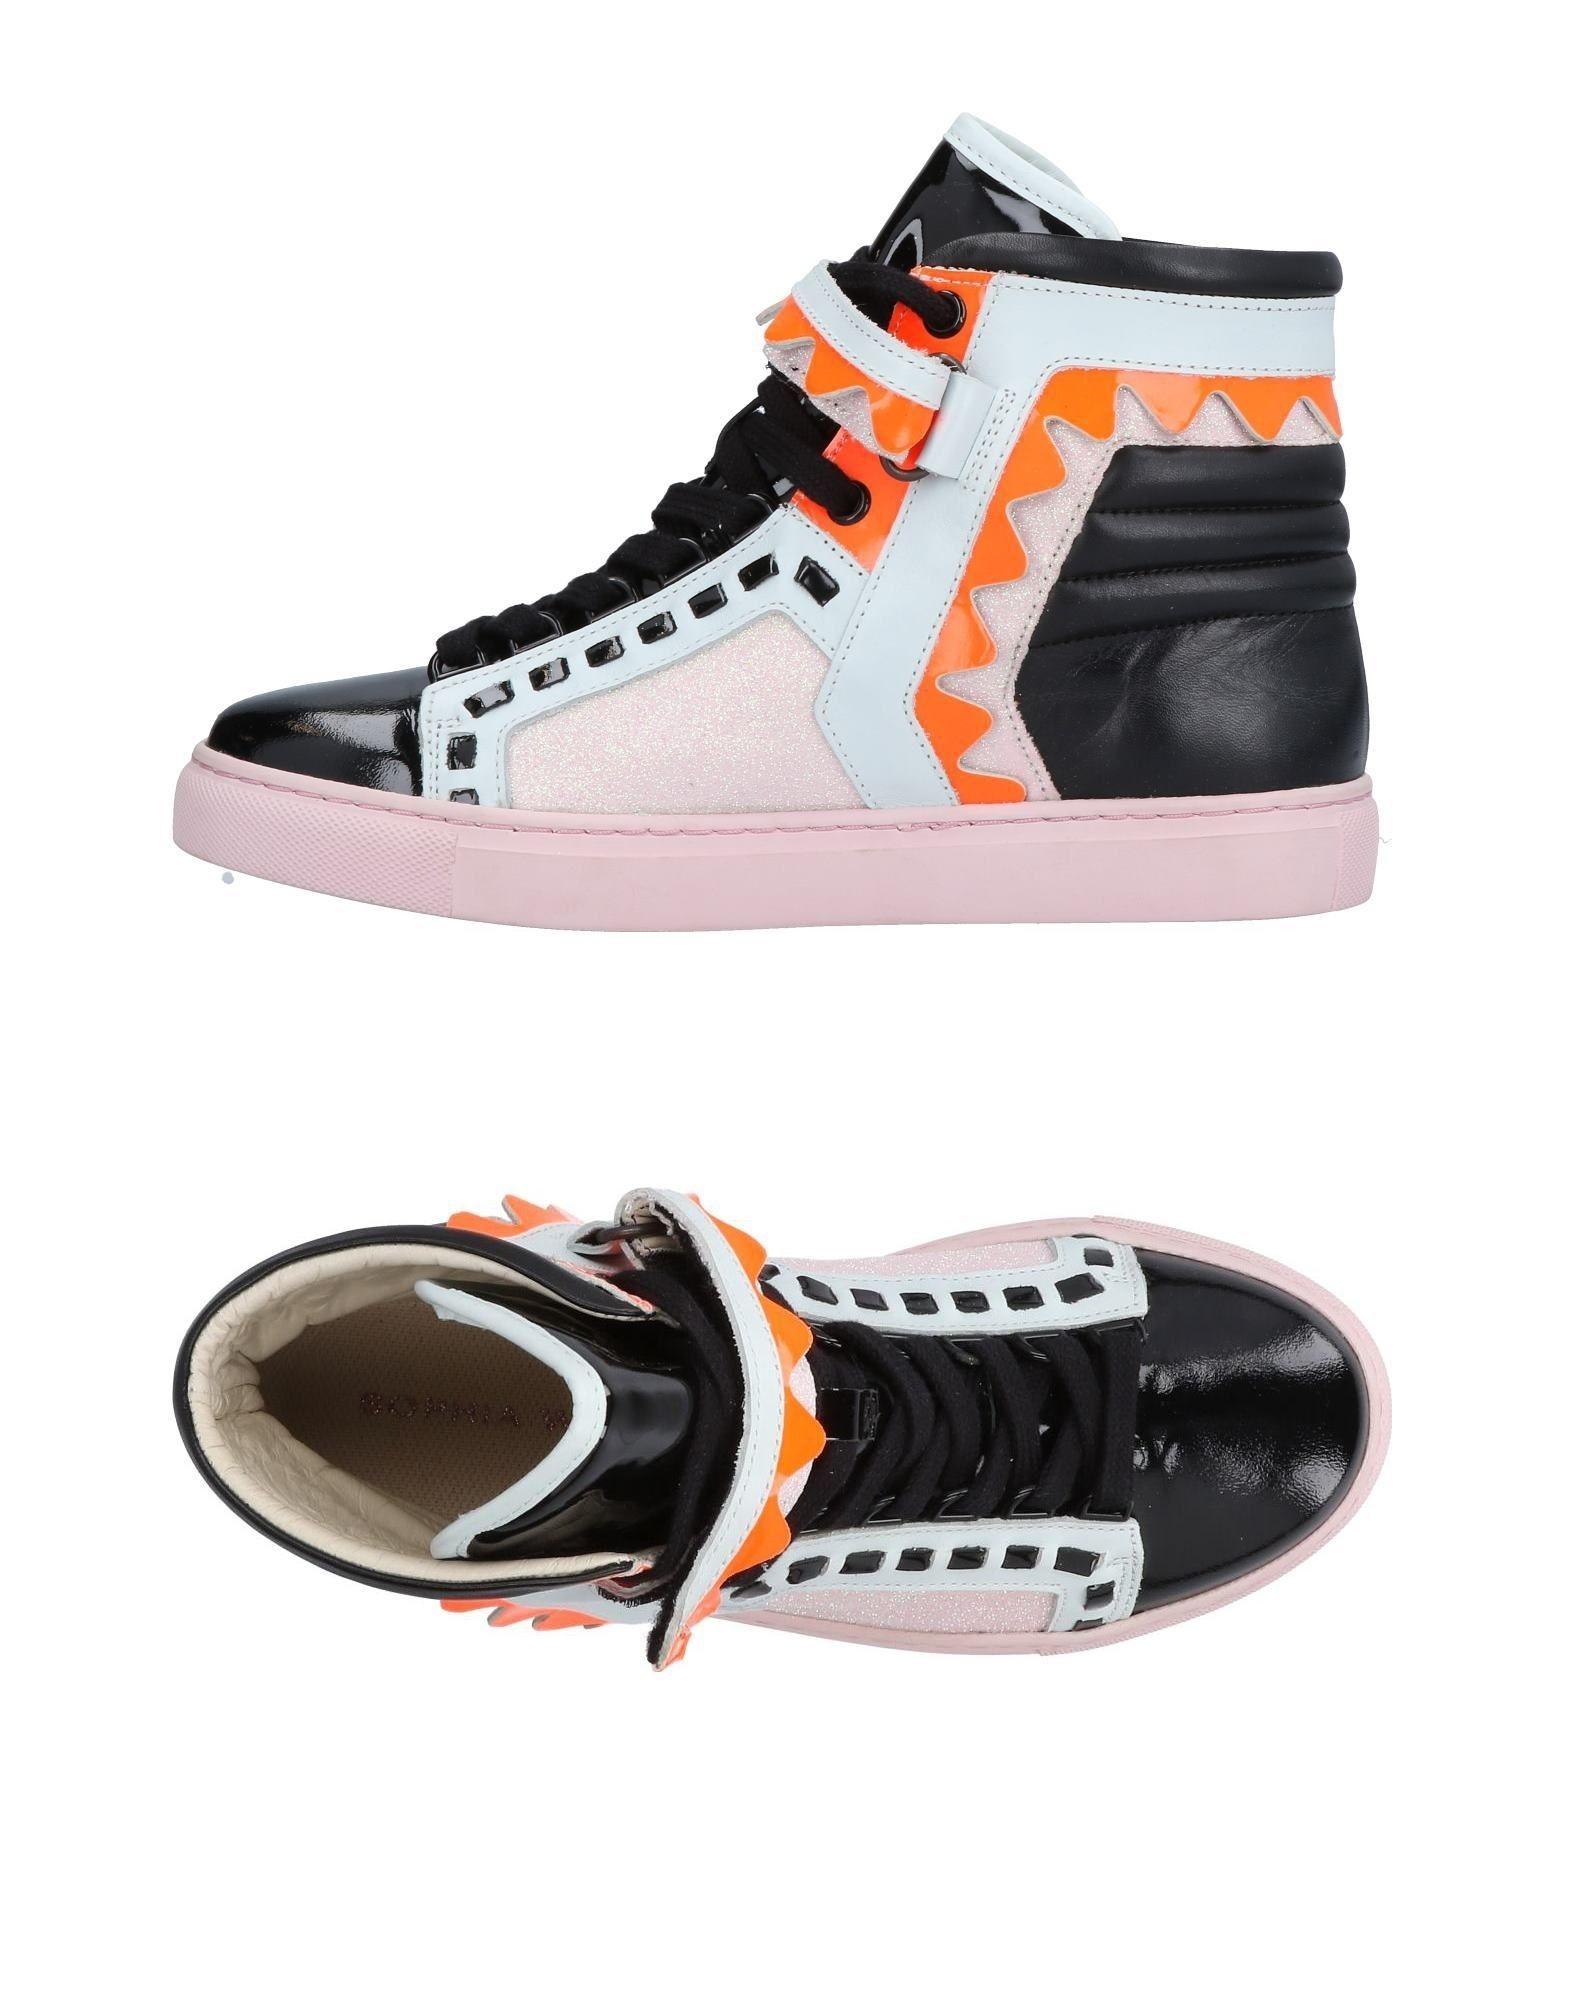 Sophia Webster Sneakers Damen Gutes Preis-Leistungs-Verhältnis, es lohnt lohnt es sich 603aa3